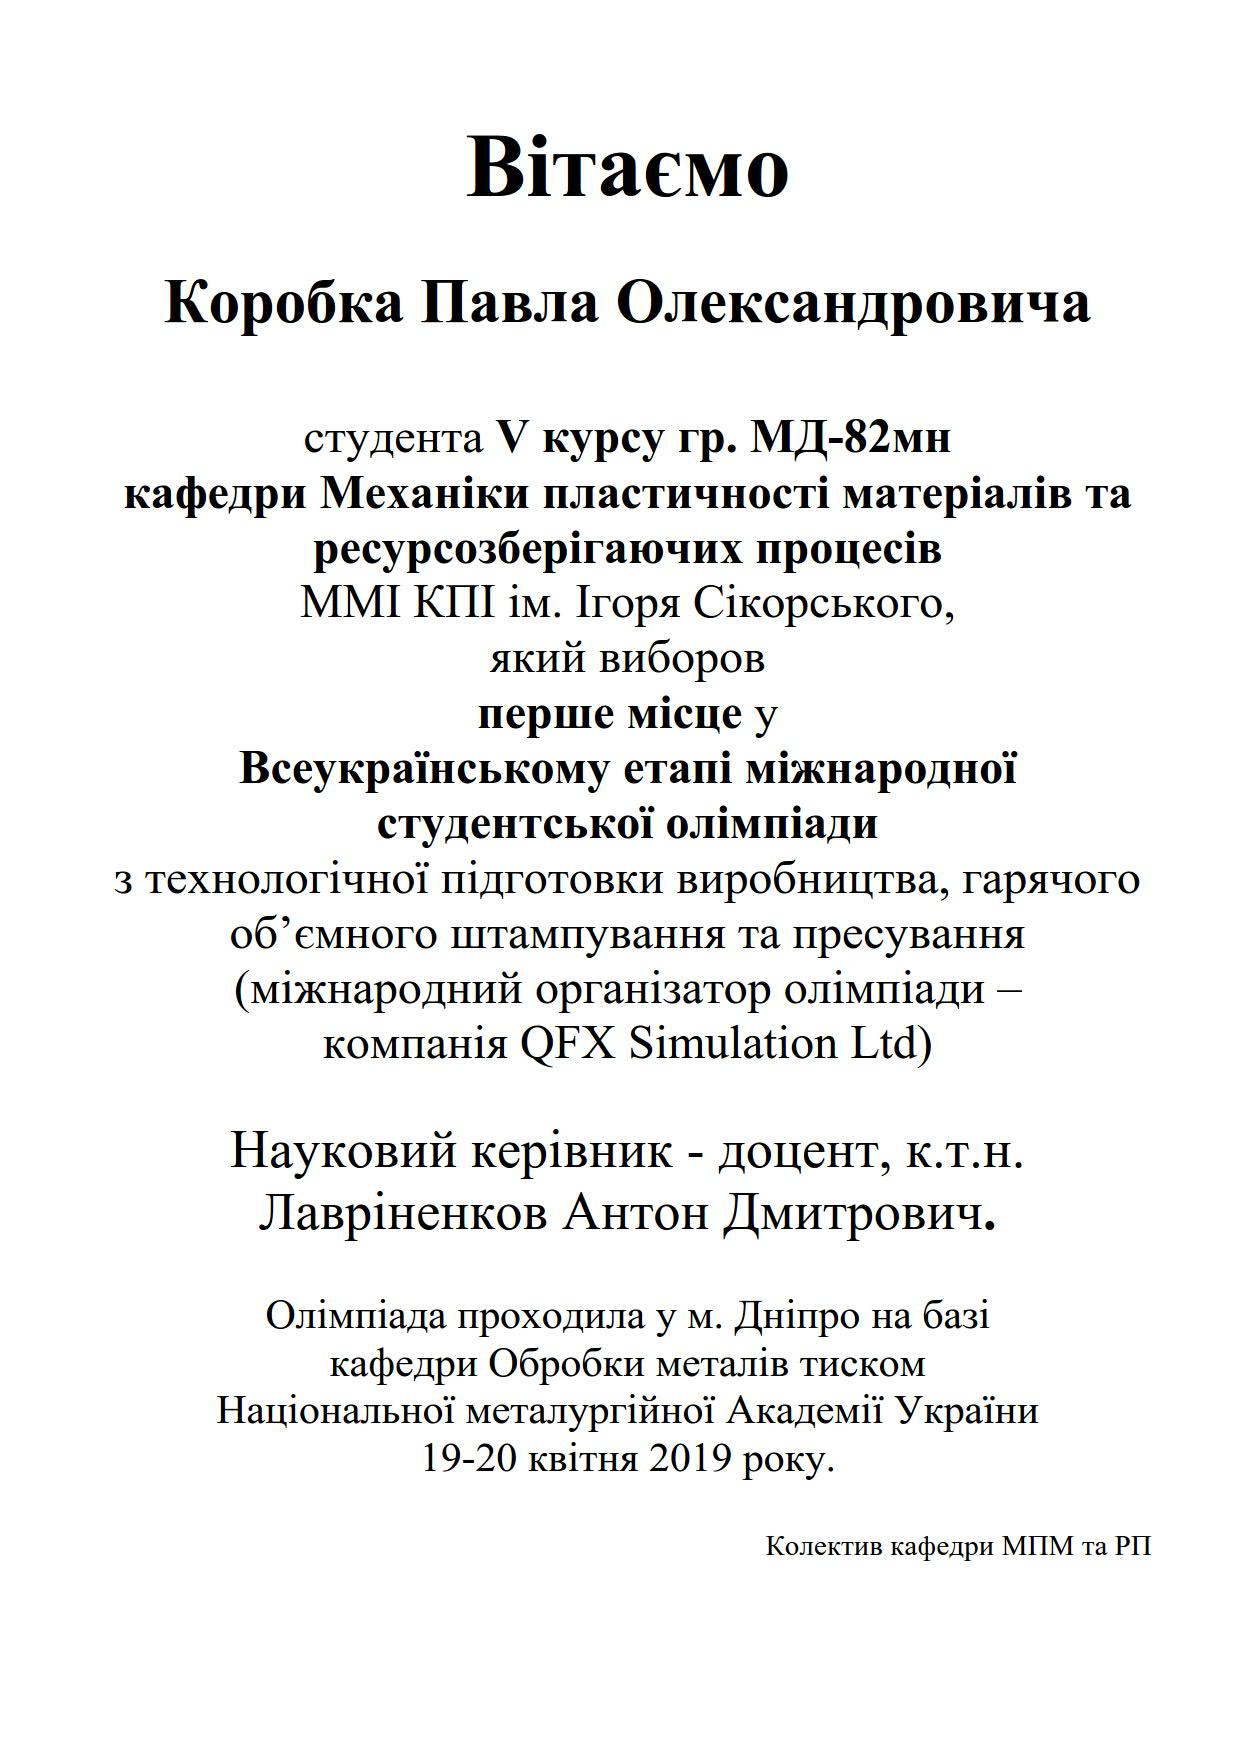 Привітання переможцям олімпіади QForm 2019 Коробко Павло Олександрович Дніпро 2019_1